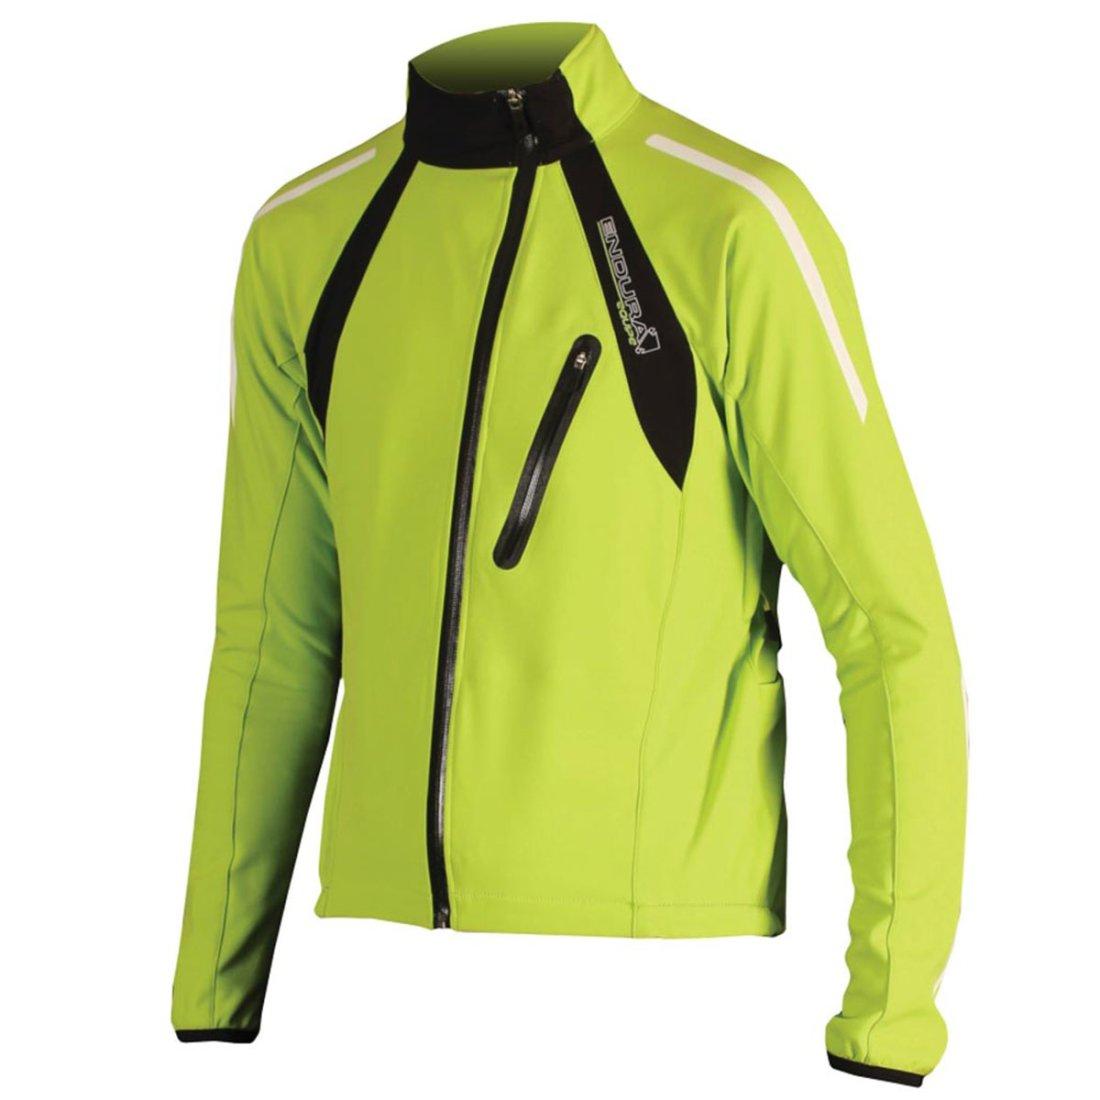 gran ajuste mejor servicio cómo hacer pedidos Chaqueta ENDURA Equipe Thermo Windshield Lime Green